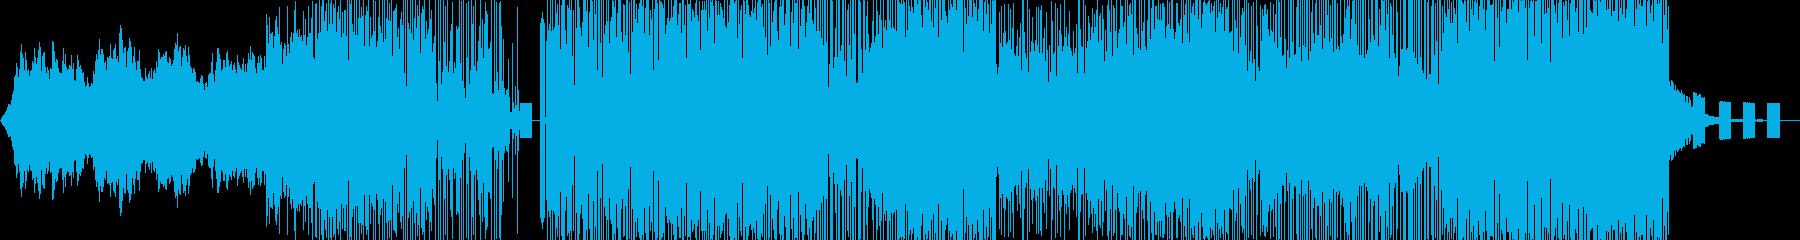 風通しの良い大気のサウンドスケープ...の再生済みの波形